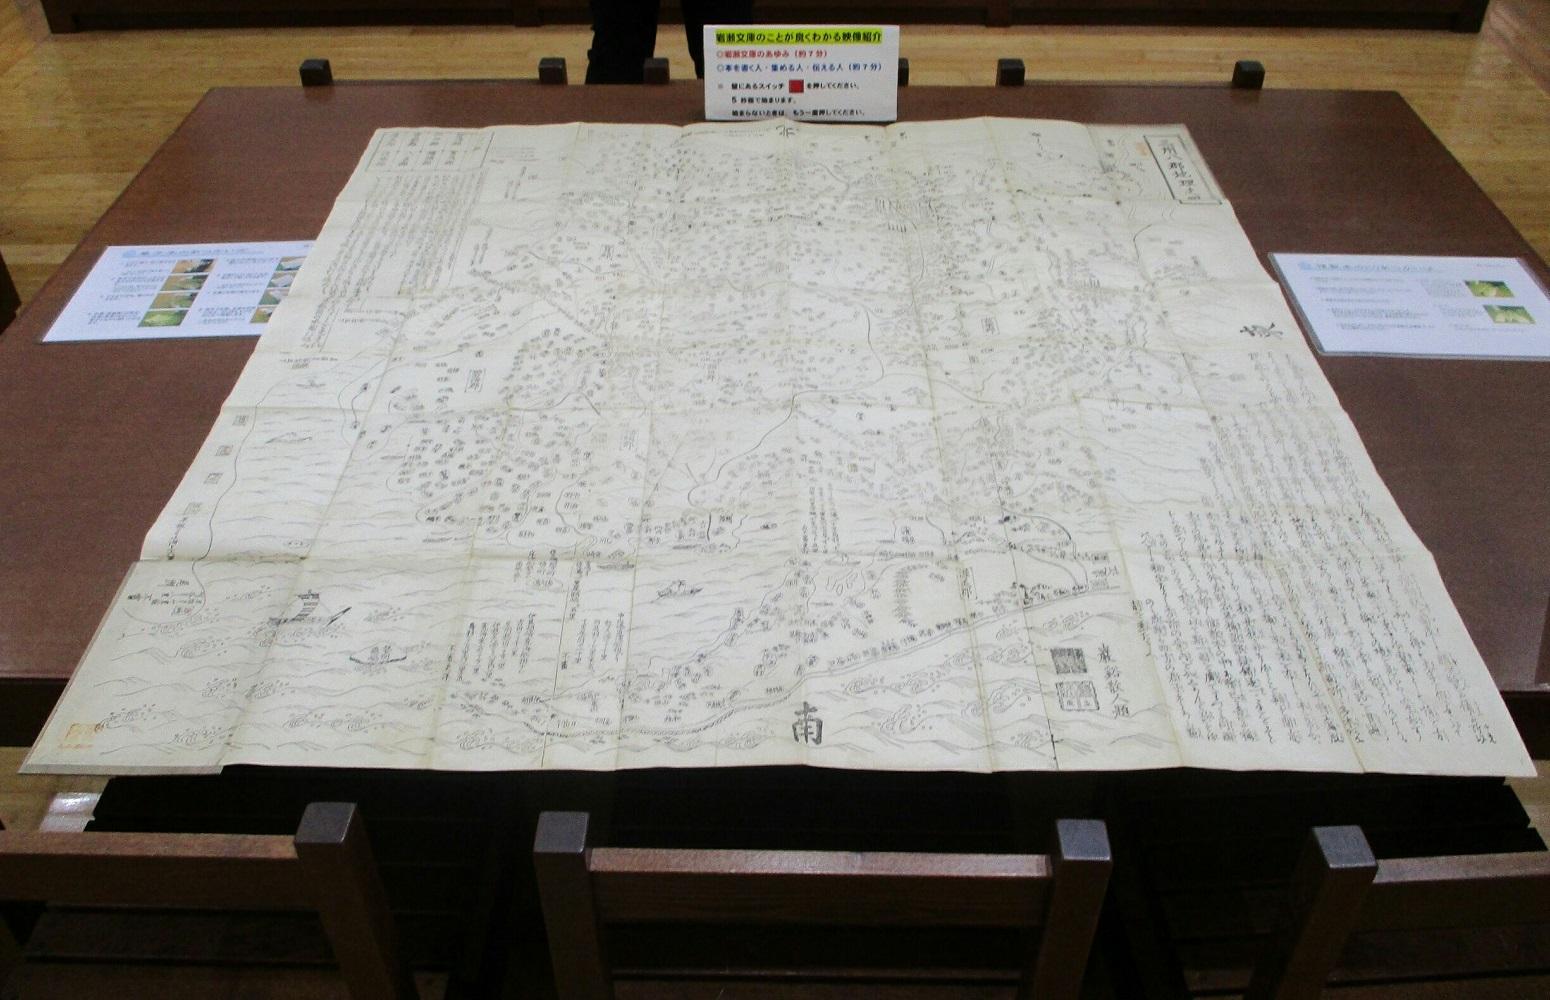 2019.4.29 (1) 岩瀬文庫 - 三州八郡地理之図 1550-1000